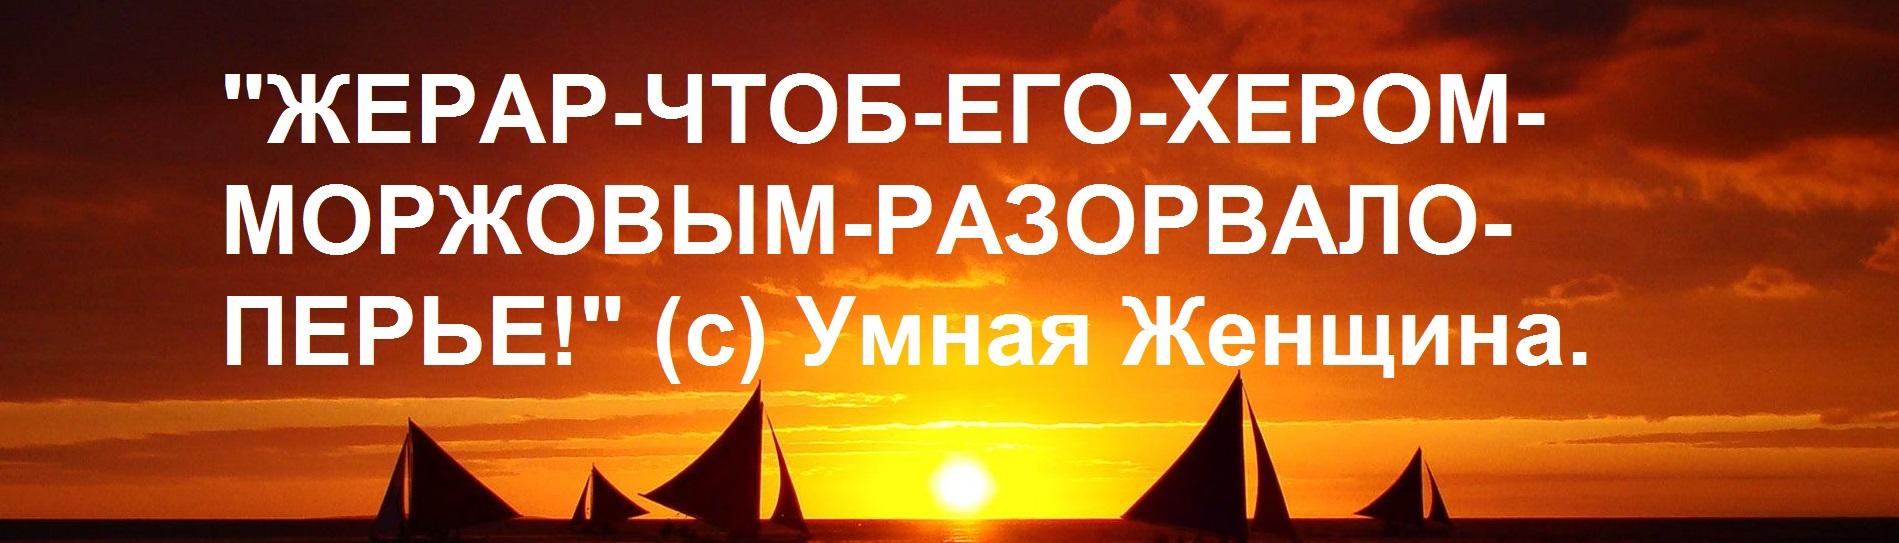 http://sg.uploads.ru/ulMT1.jpg